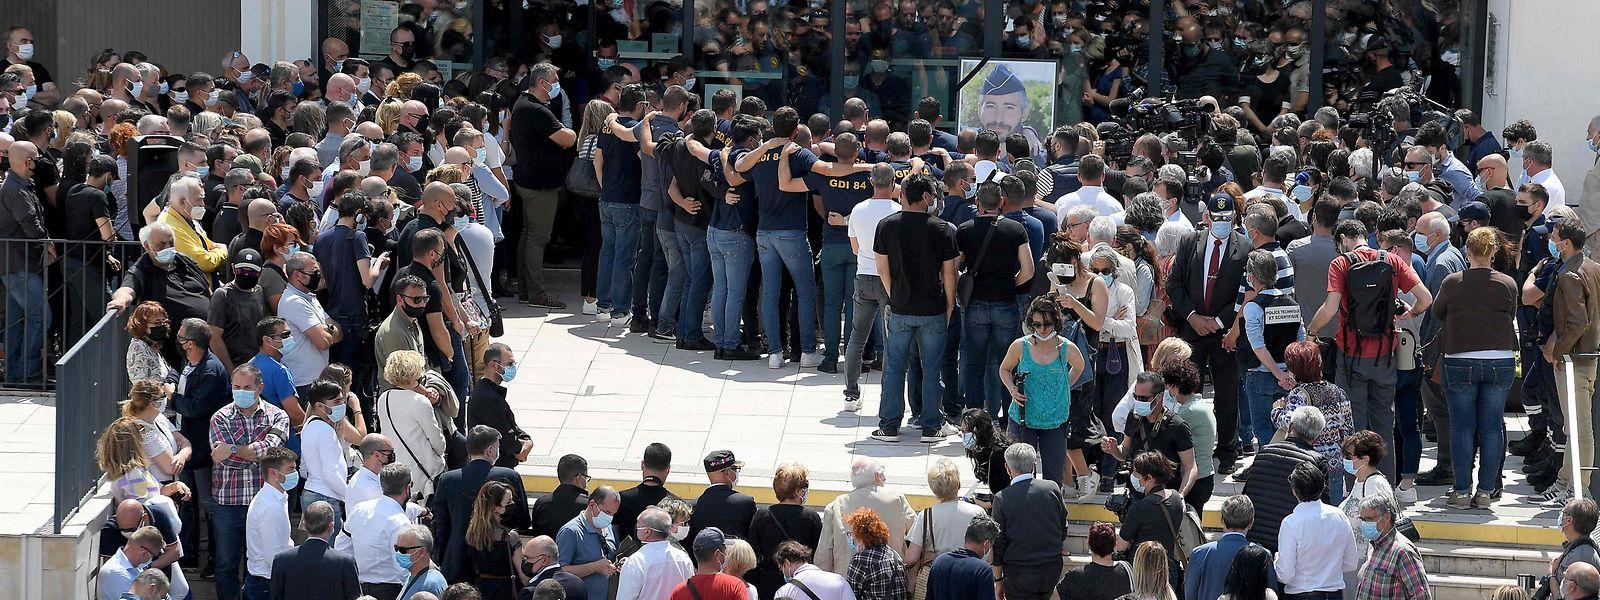 5.000 Menschen hatten sich versammelt, um des toten Polizisten zu gedenken.